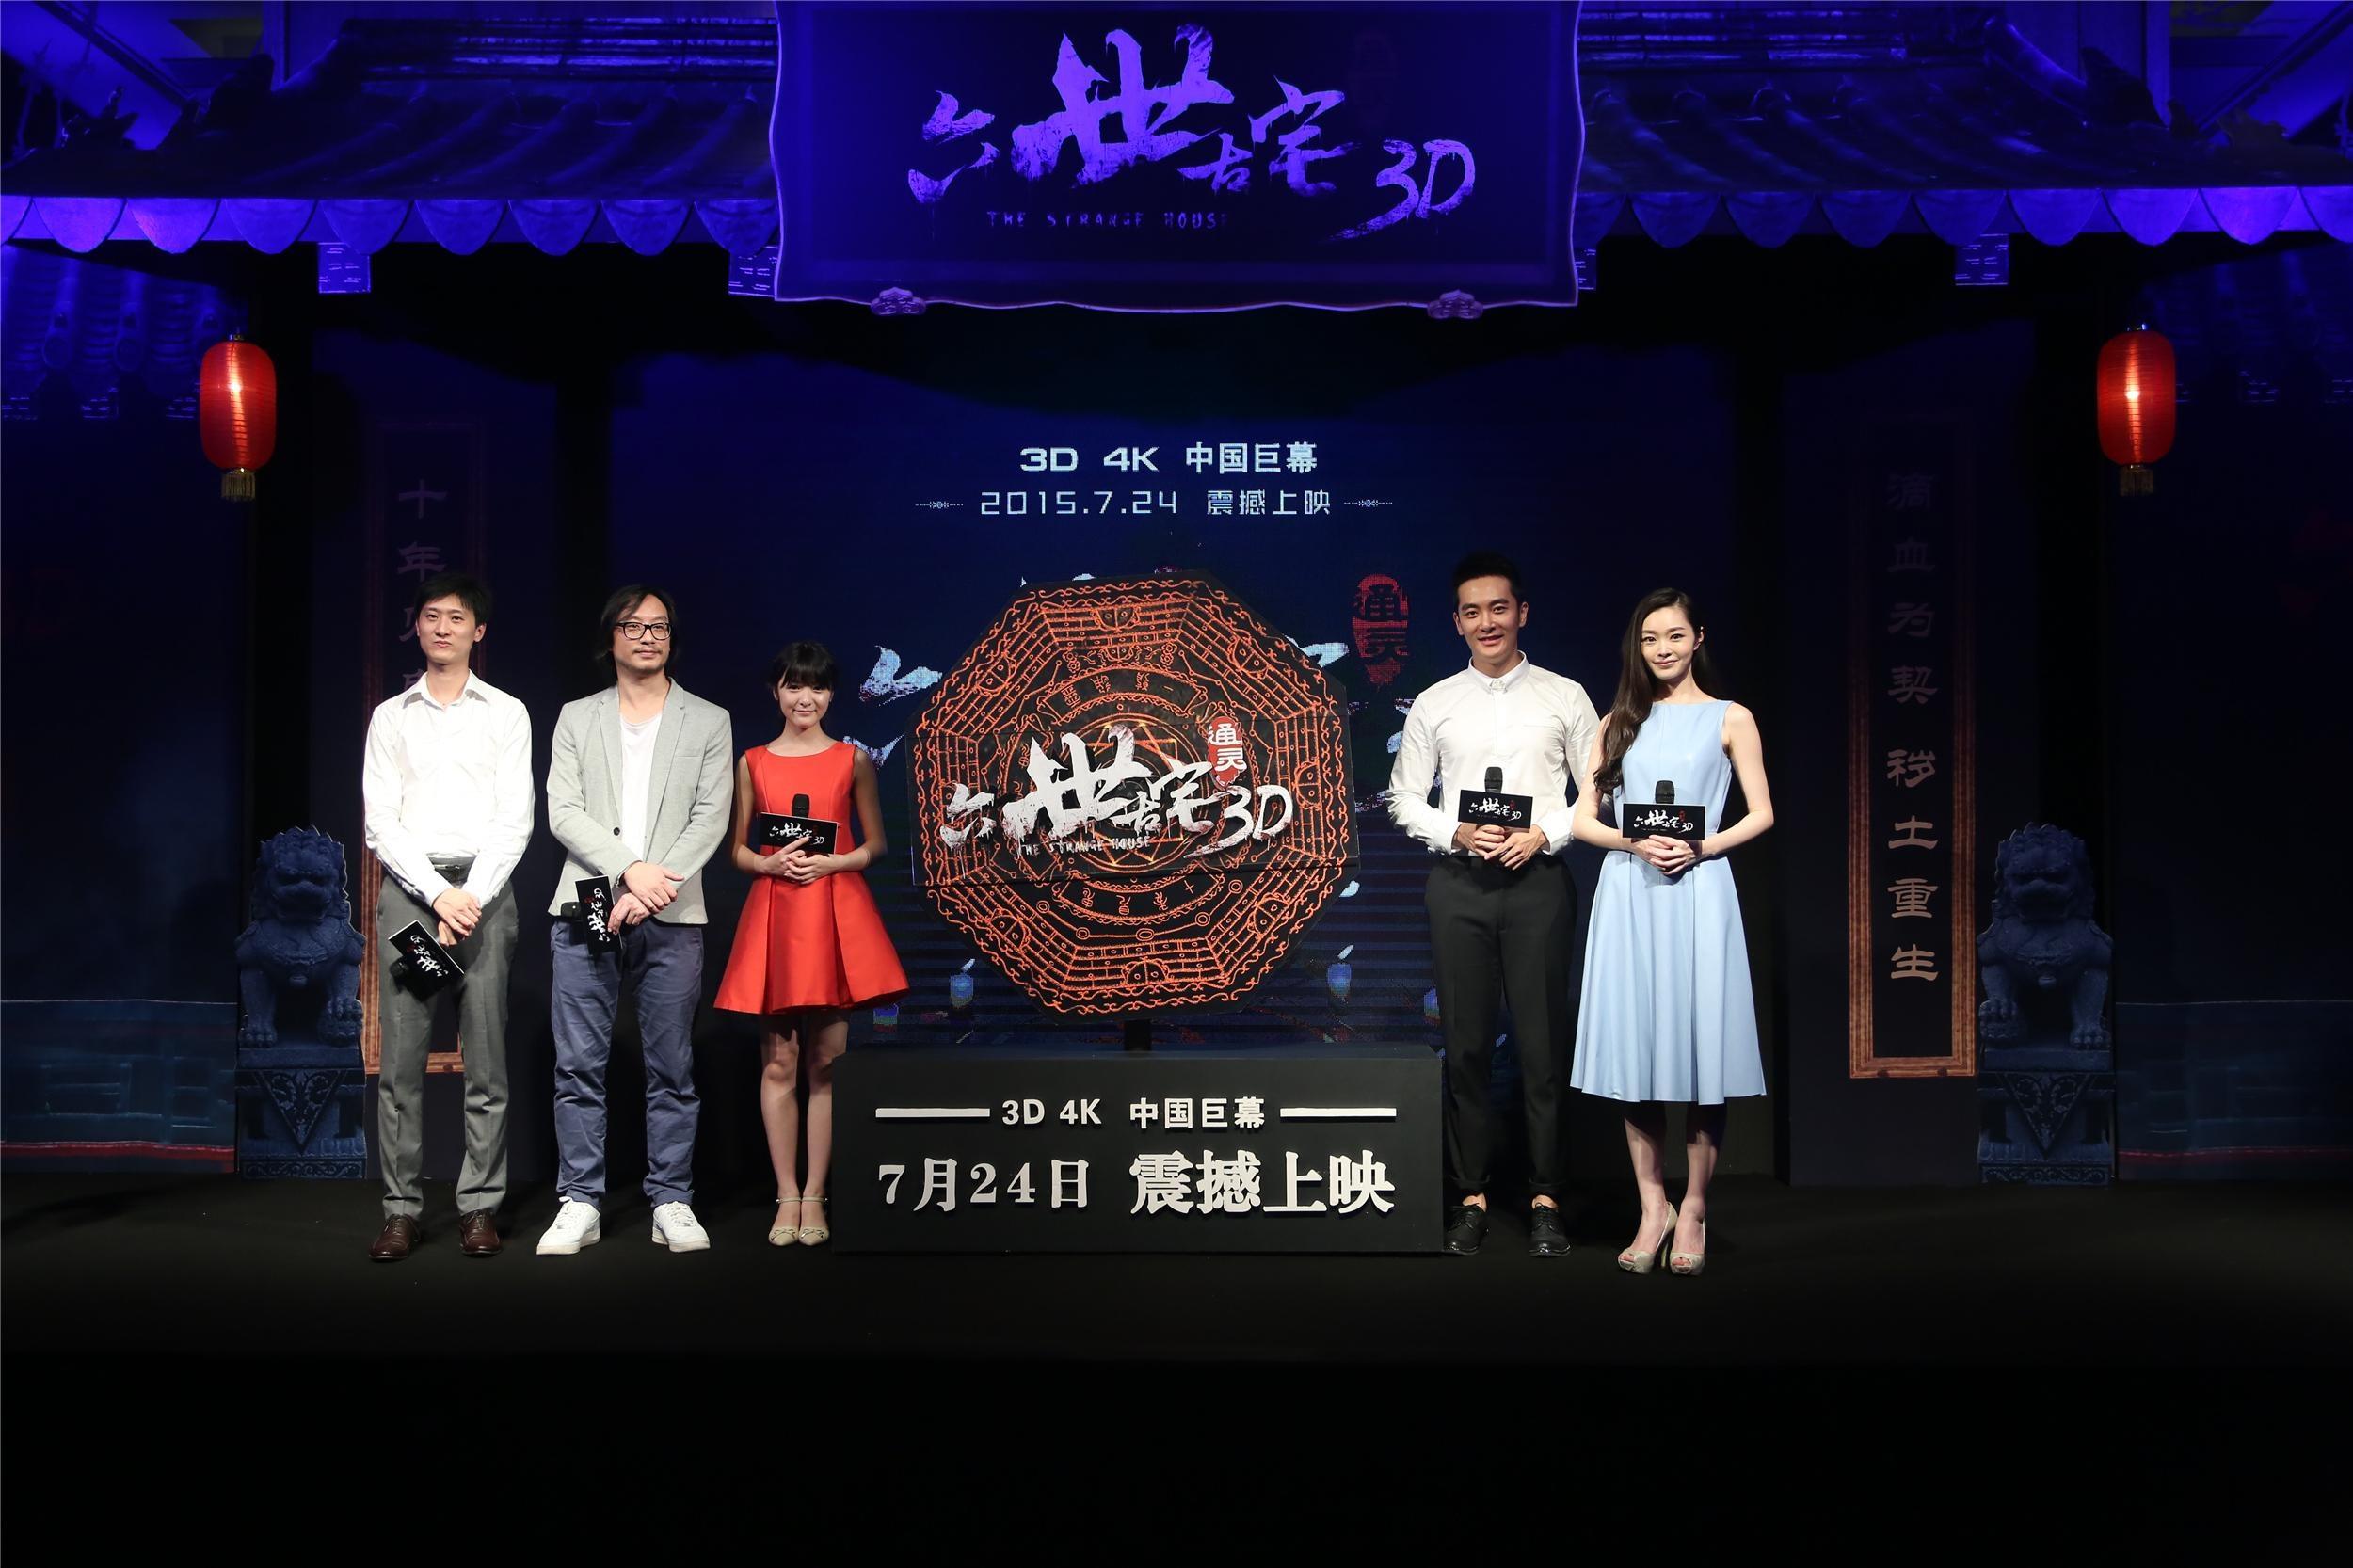 通灵之六世古宅_电影剧照_图集_电影网_1905.com